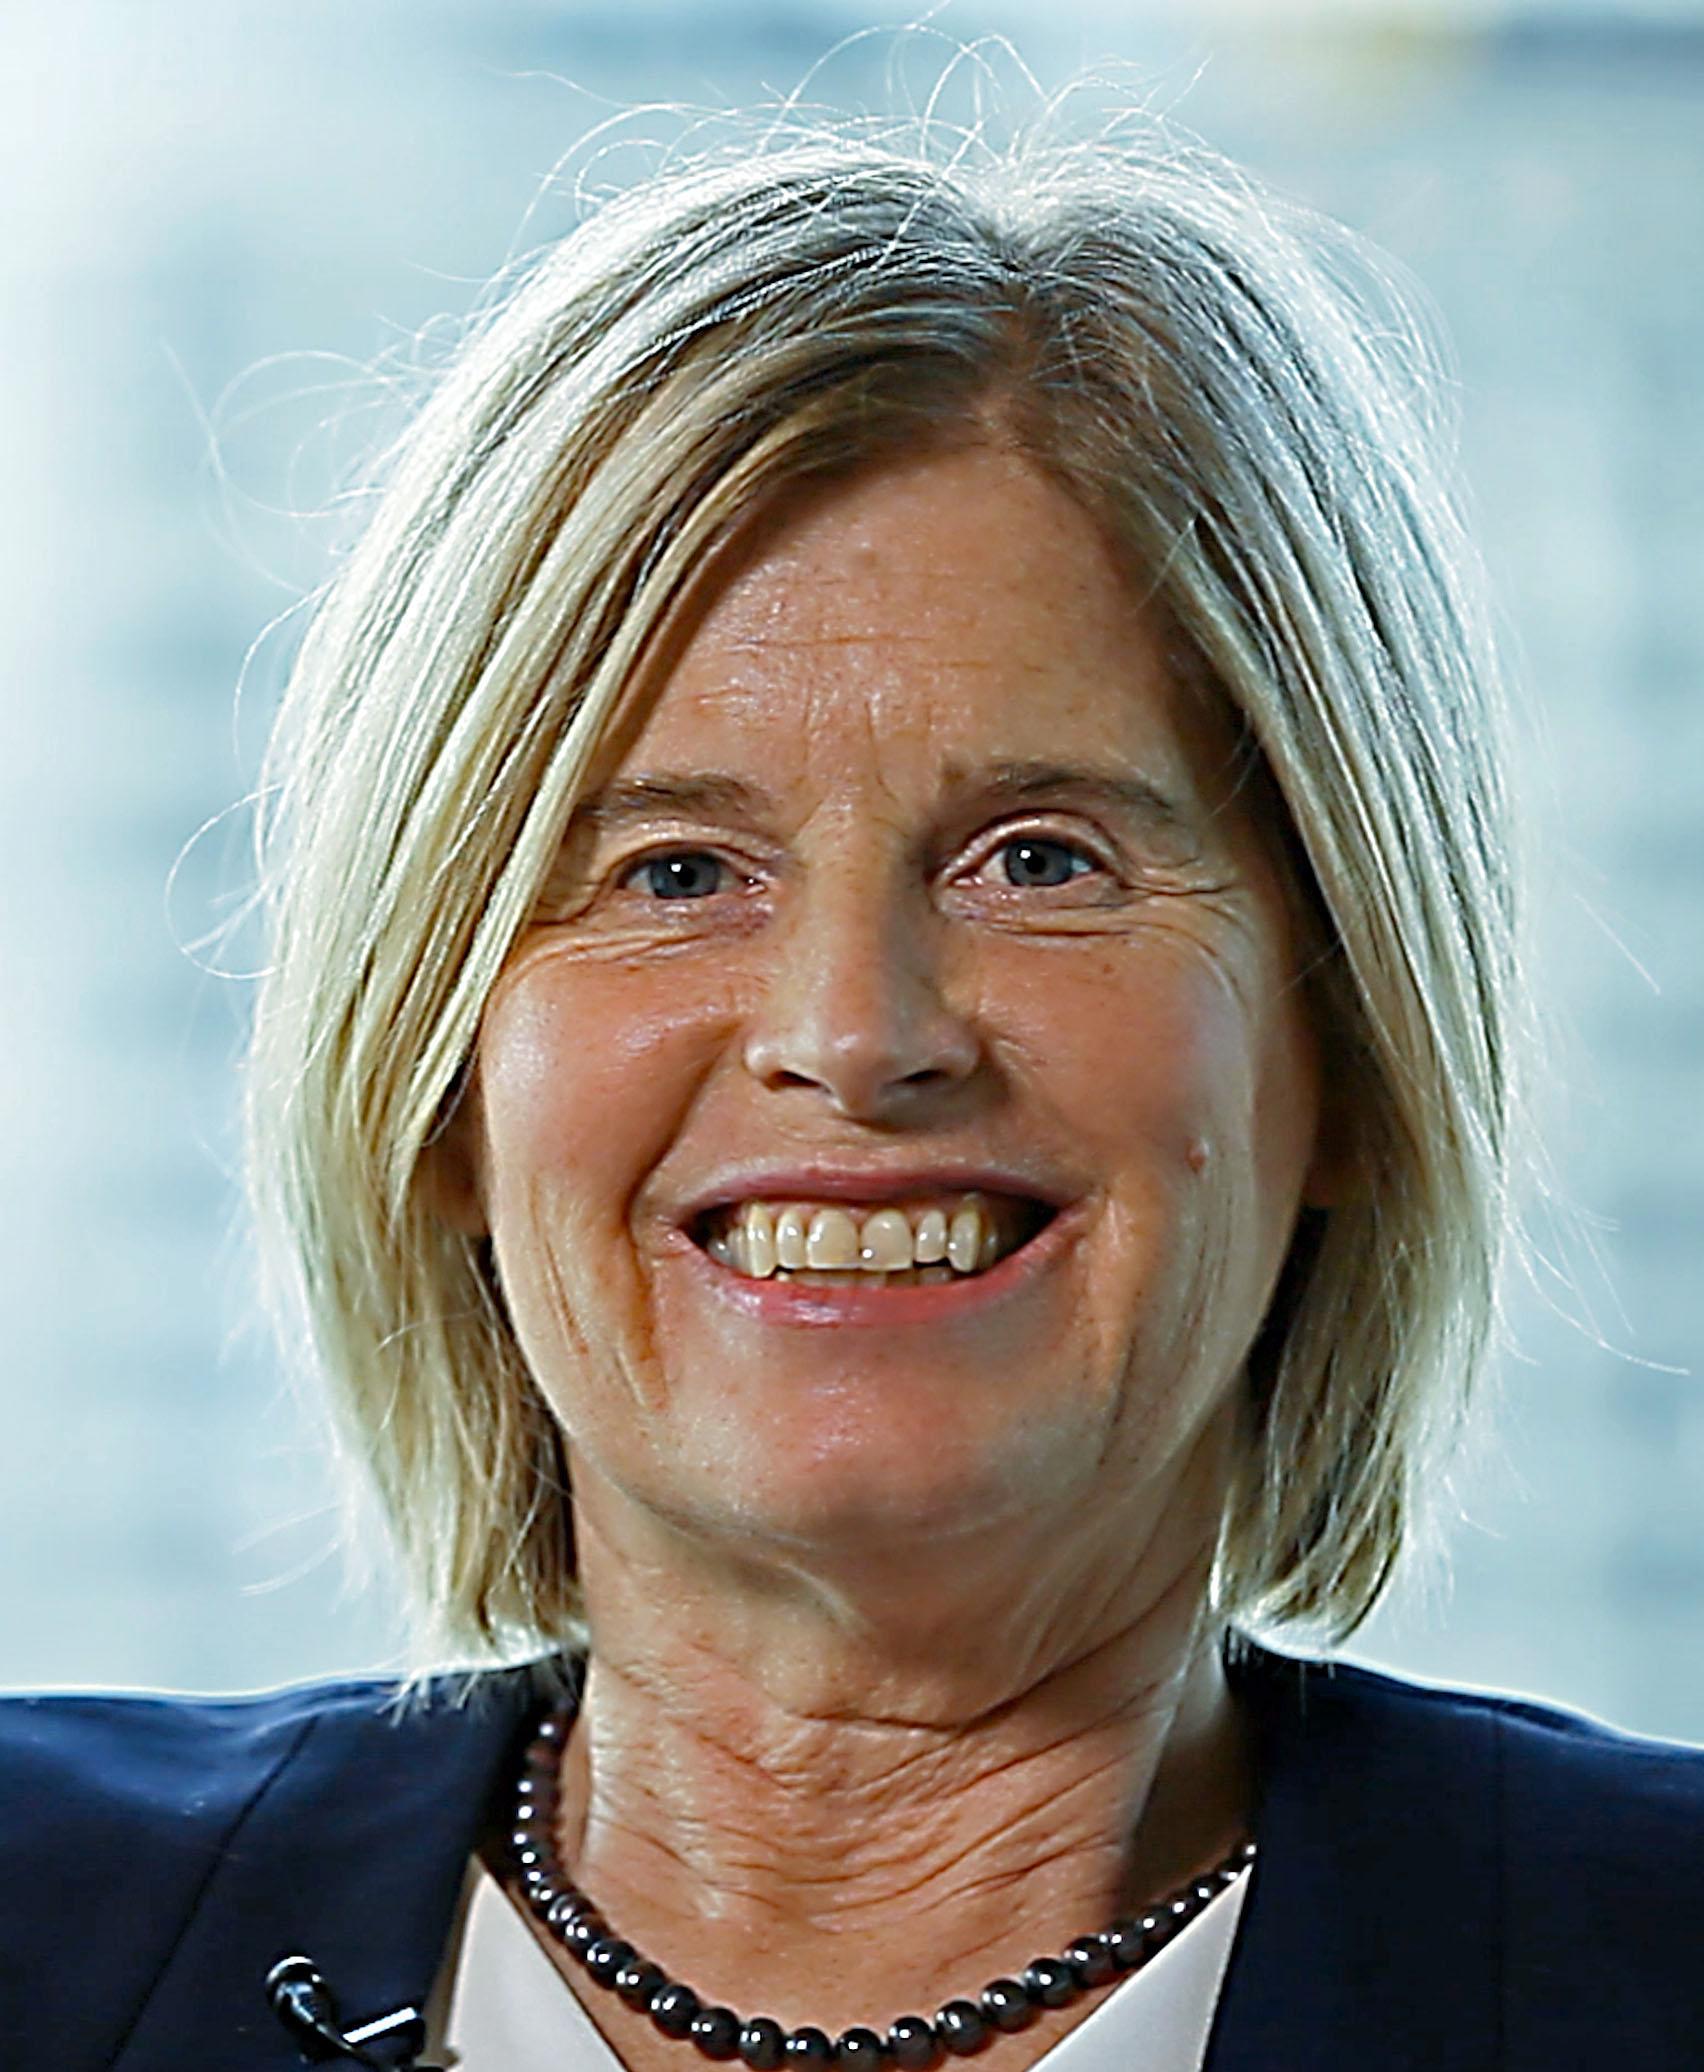 Cr Natalie Gray